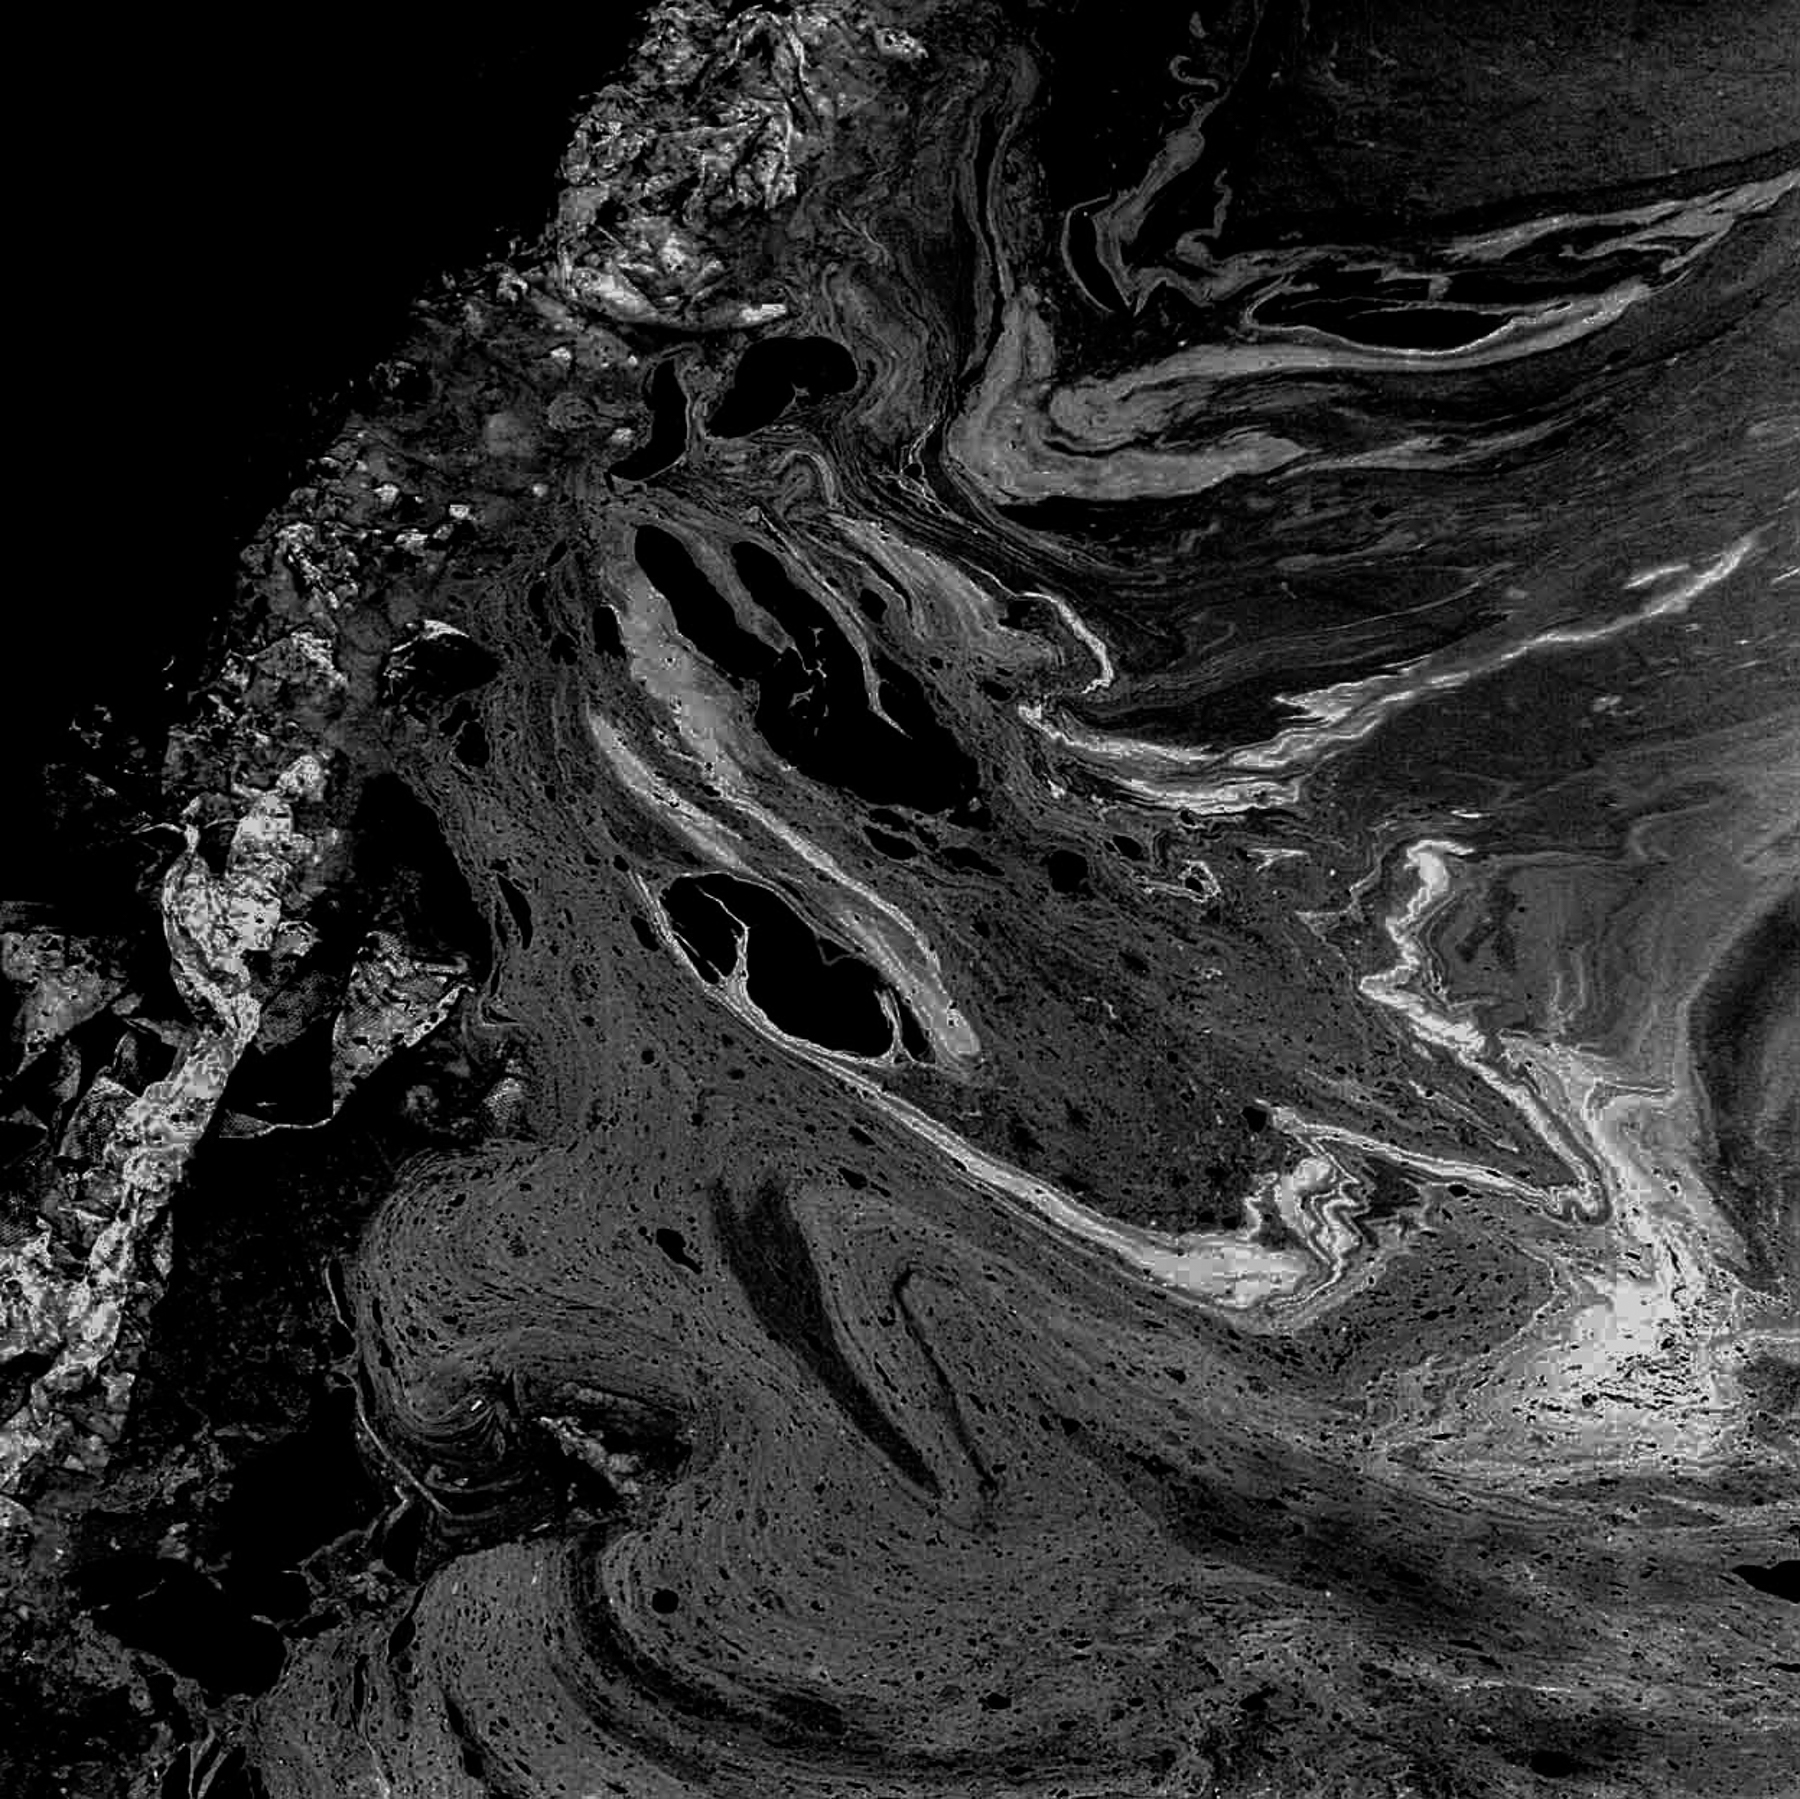 Water Abstract 2 | Hasselblad 500CM , Kodak TriX | James Jasek